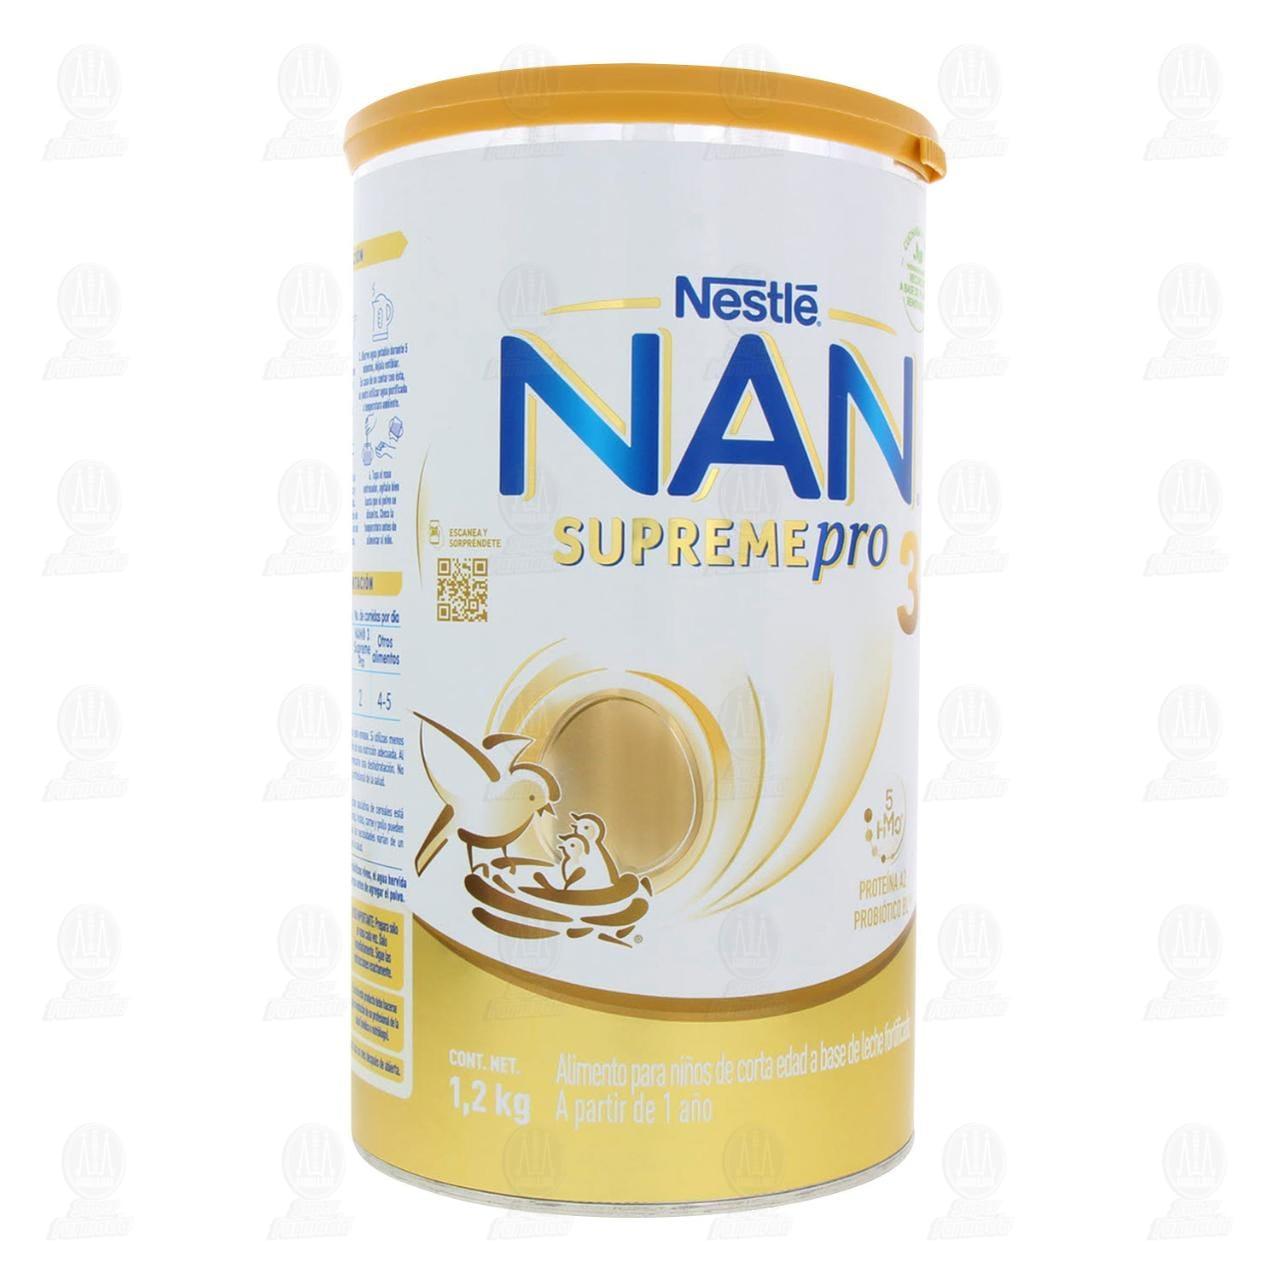 Comprar Fórmula Infantil NAN 3 Supreme Pro (A Partir de 1 Año), 1.2 kg. en Farmacias Guadalajara